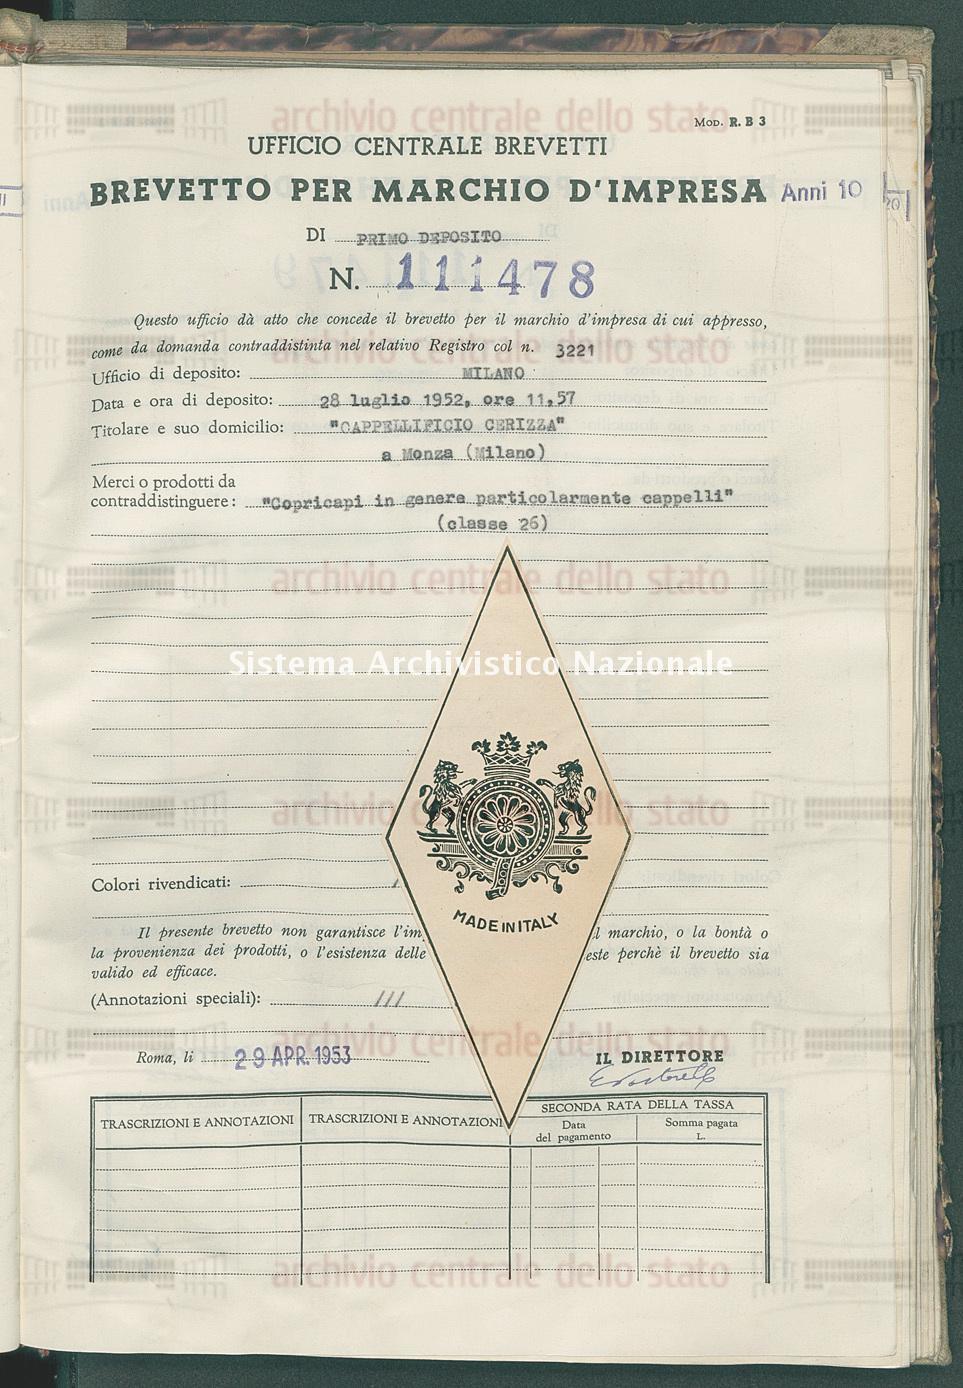 'Copricapi in genere particolarmente cappelli' 'Cappellificio Cerizza' (29/04/1953)